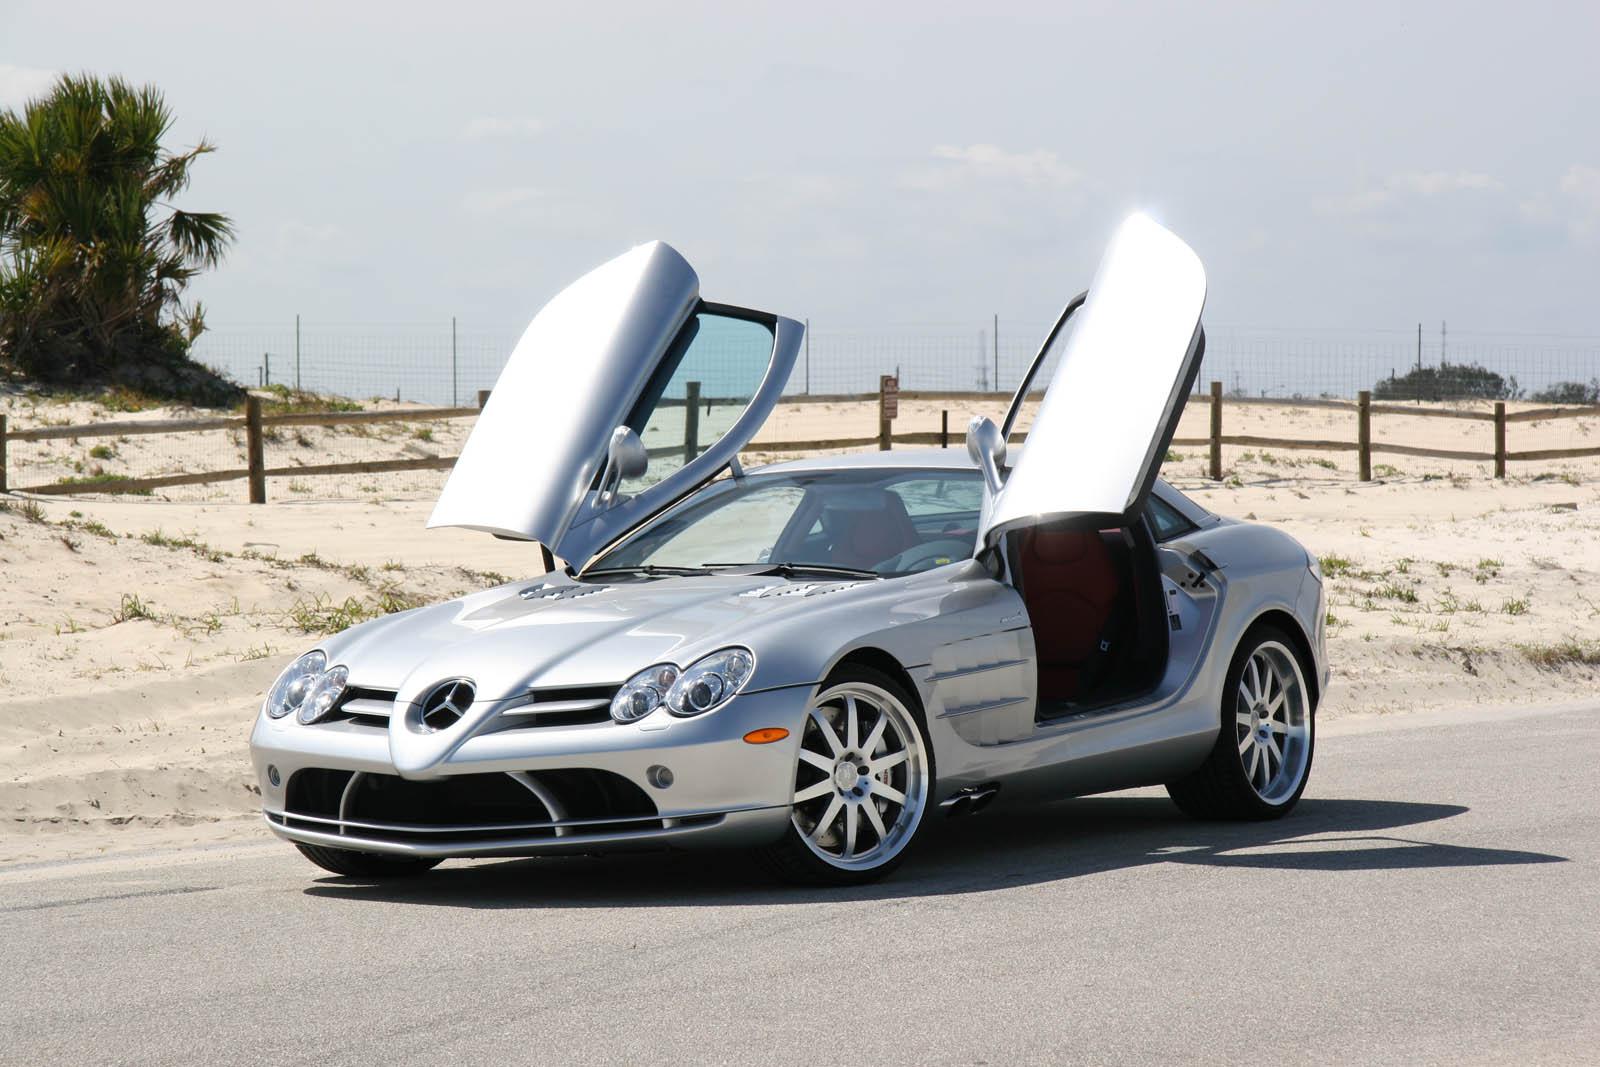 http://2.bp.blogspot.com/-EpYJb0Yq0vw/ThBz-NIrV4I/AAAAAAAABk4/JkWJZrbftD8/s1600/11747-2006-Mercedes-Benz-SLR.jpg